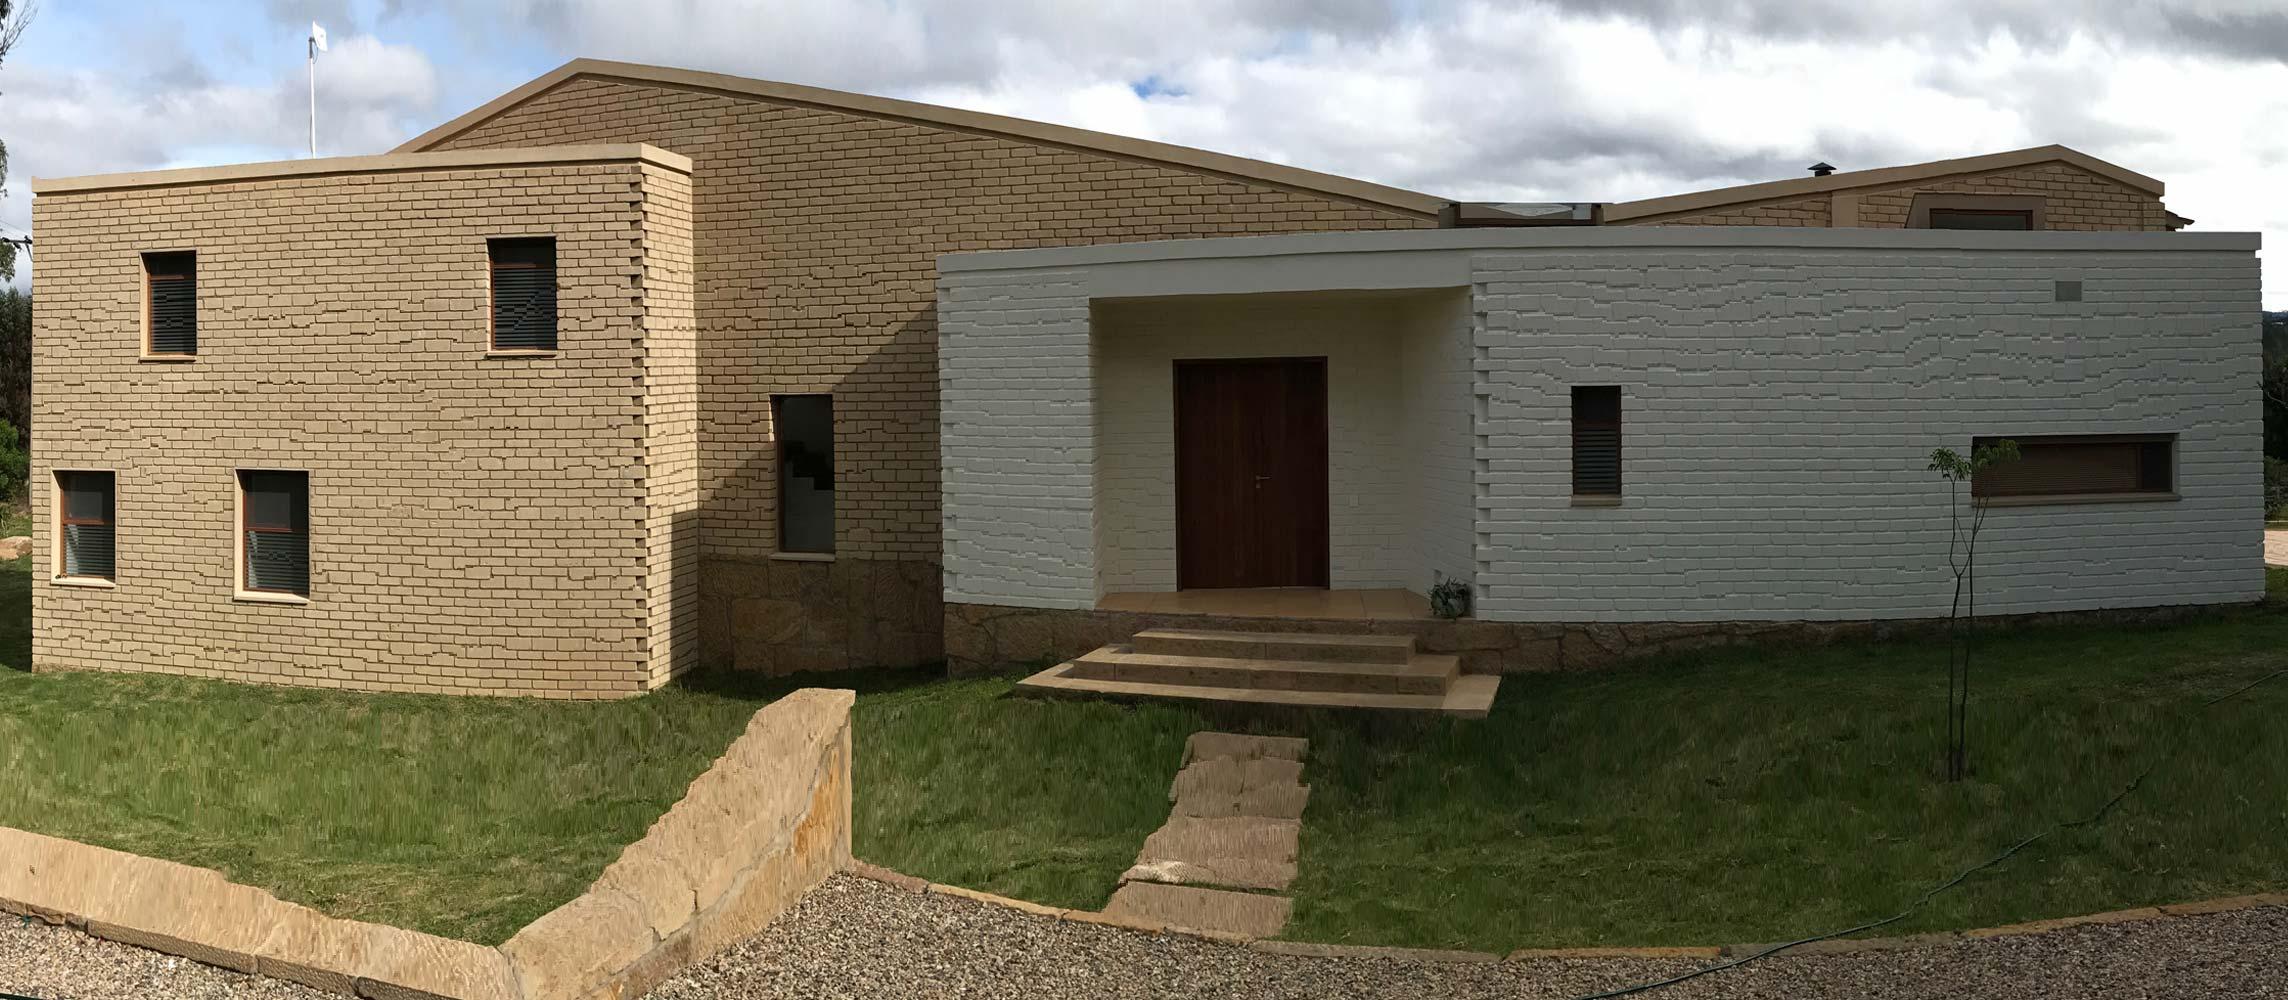 Arquitecto Villa de Leyva - Casa Cerros de Iguaque